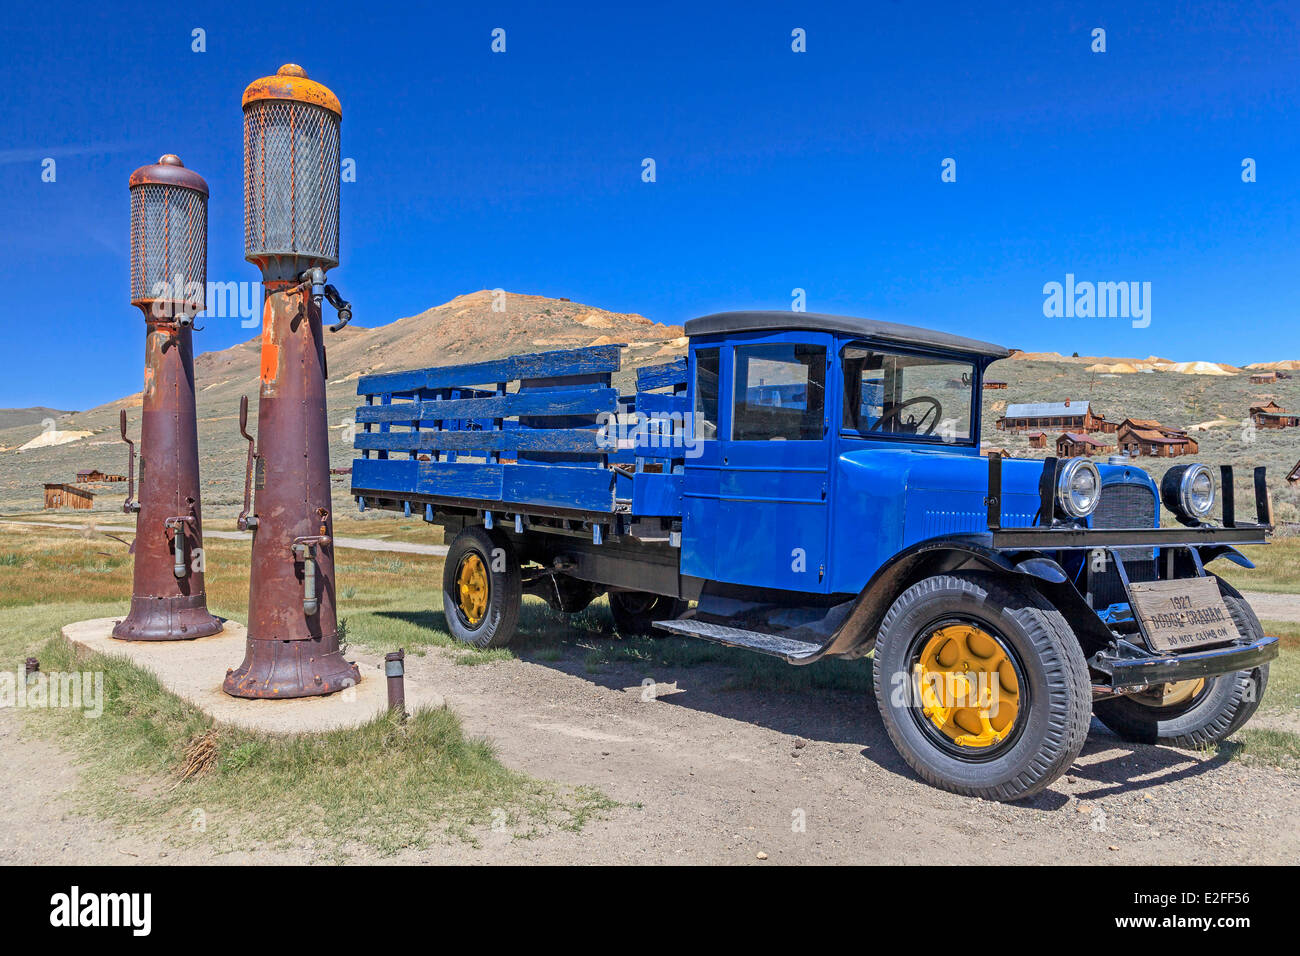 Estados Unidos California Bodie Parque Histórico Estatal de minería de oro de la ciudad fantasma de Bodie Imagen De Stock